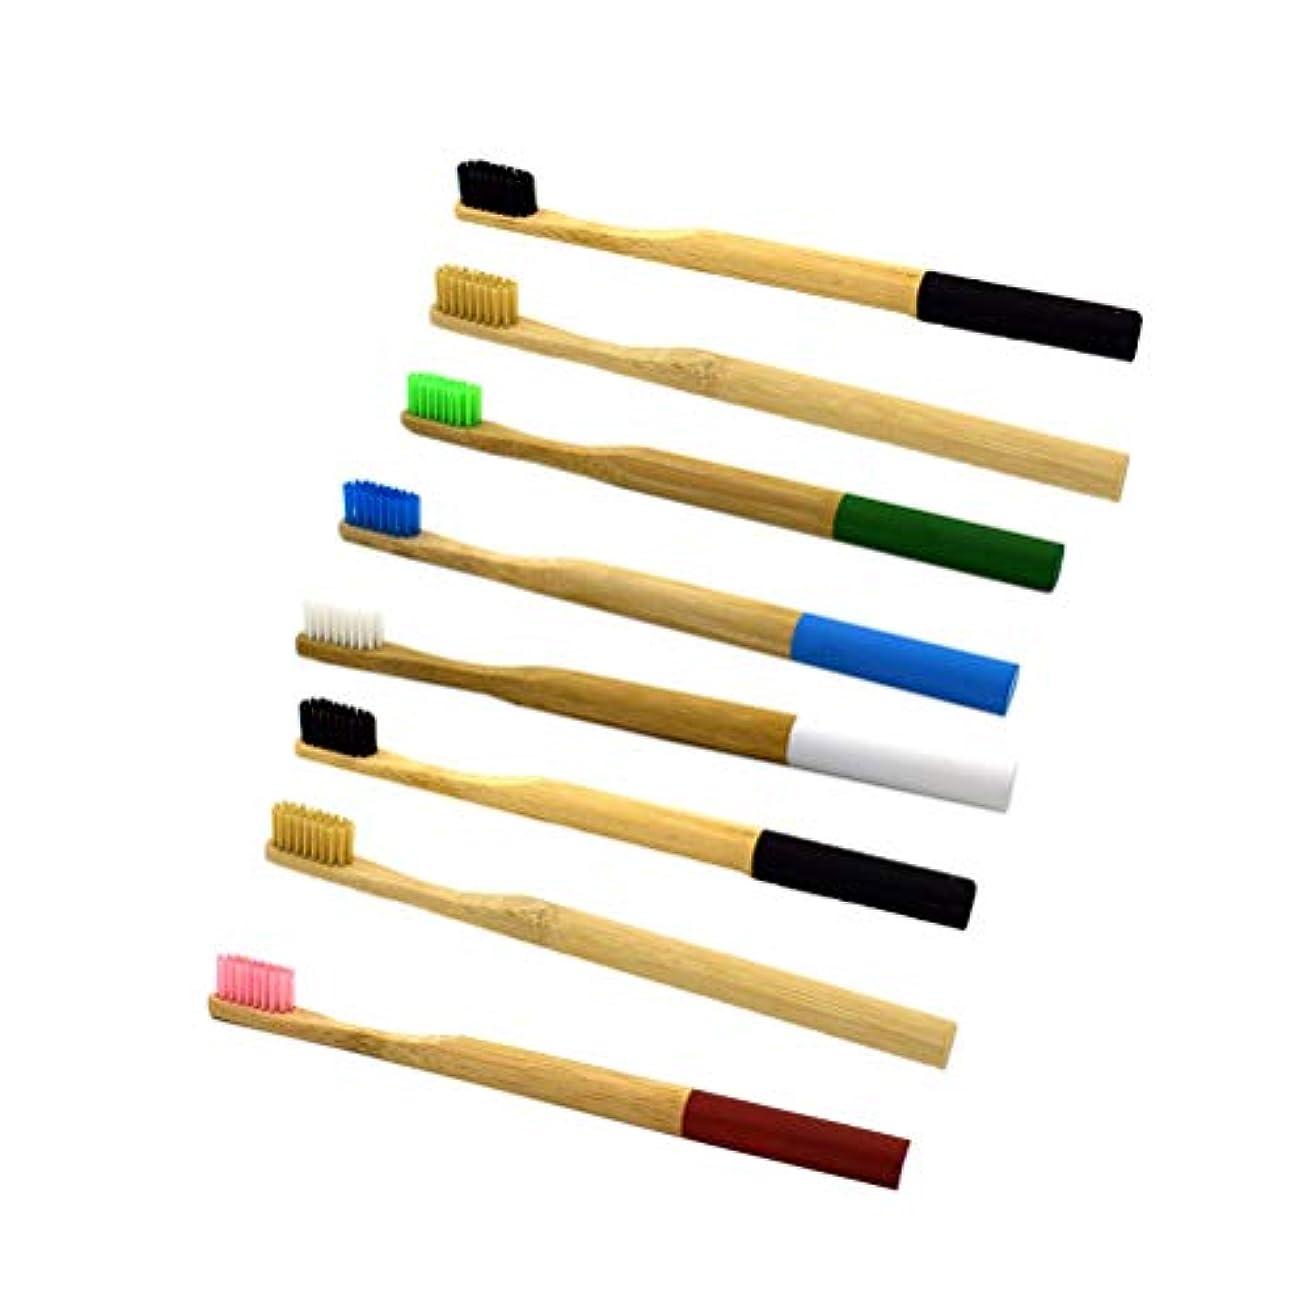 毛布椅子フォアタイプHealifty 8本 竹炭の歯ブラシ 竹の歯ブラシ 分解性 環境保護の歯ブラシ 天然の柔らかいブラシ 混合色 4本入